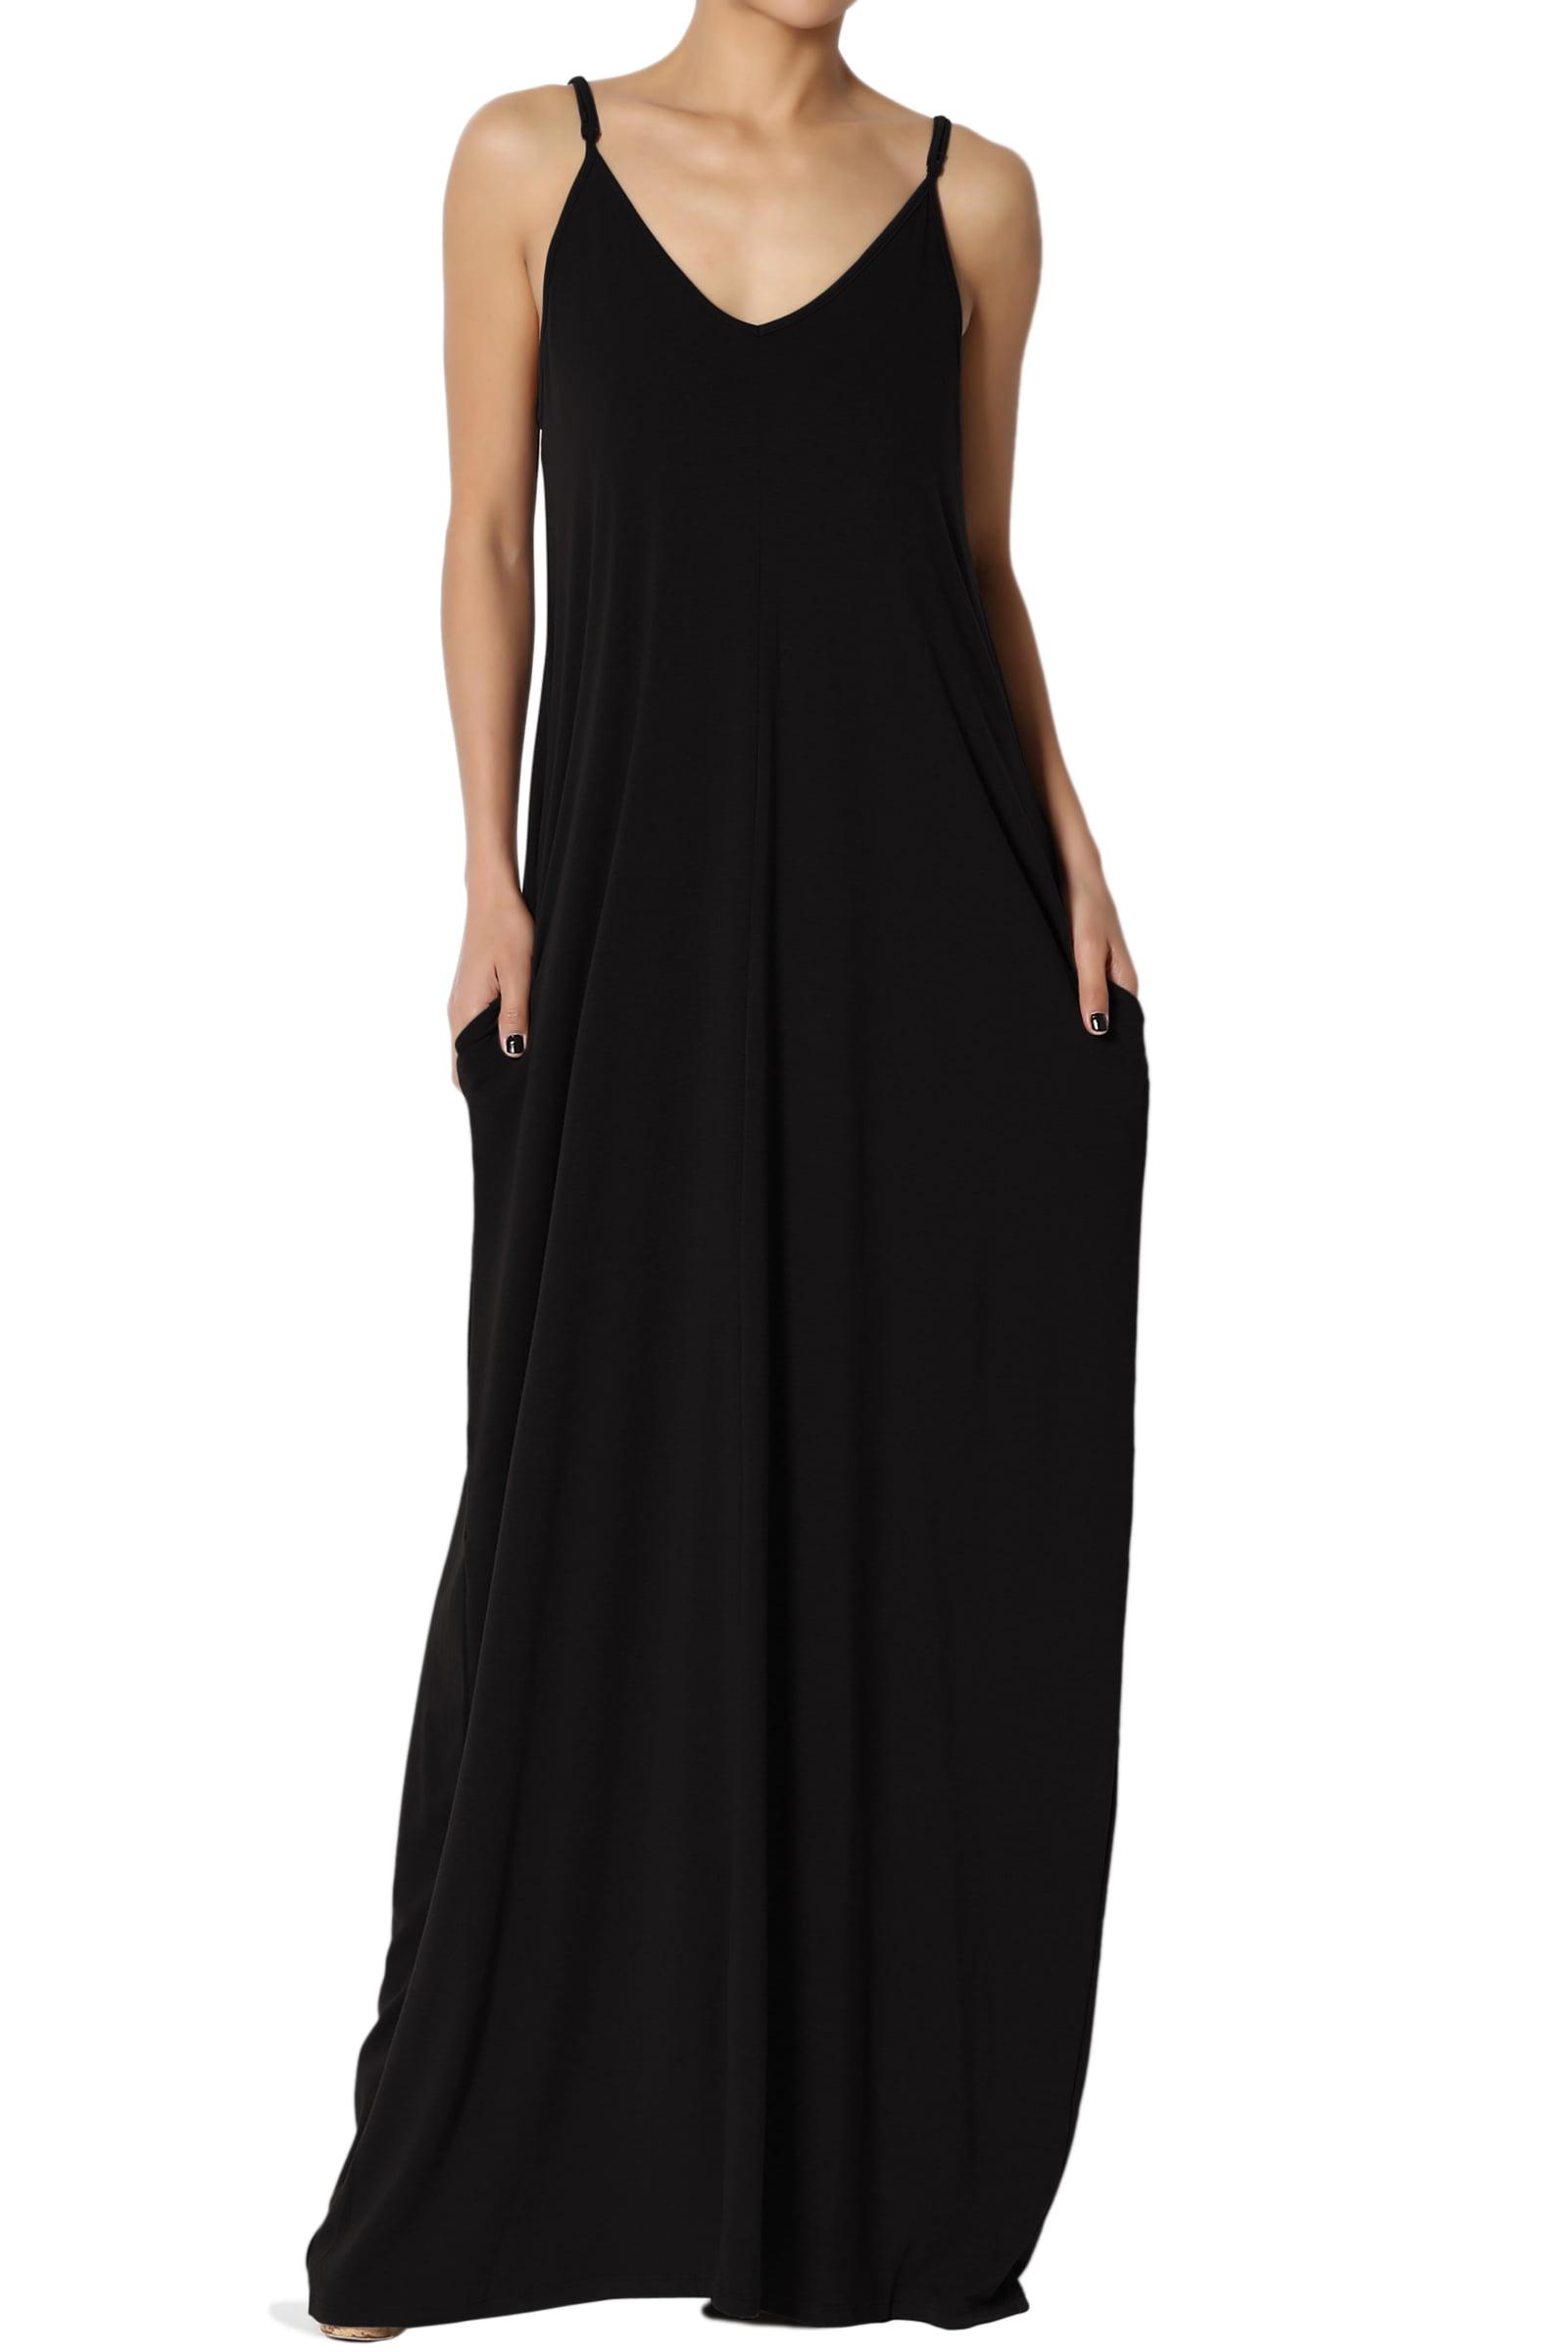 TheMogan Women's V-Neck Draped Jersey Casual Beach Cami Long Maxi Dress W Pocket